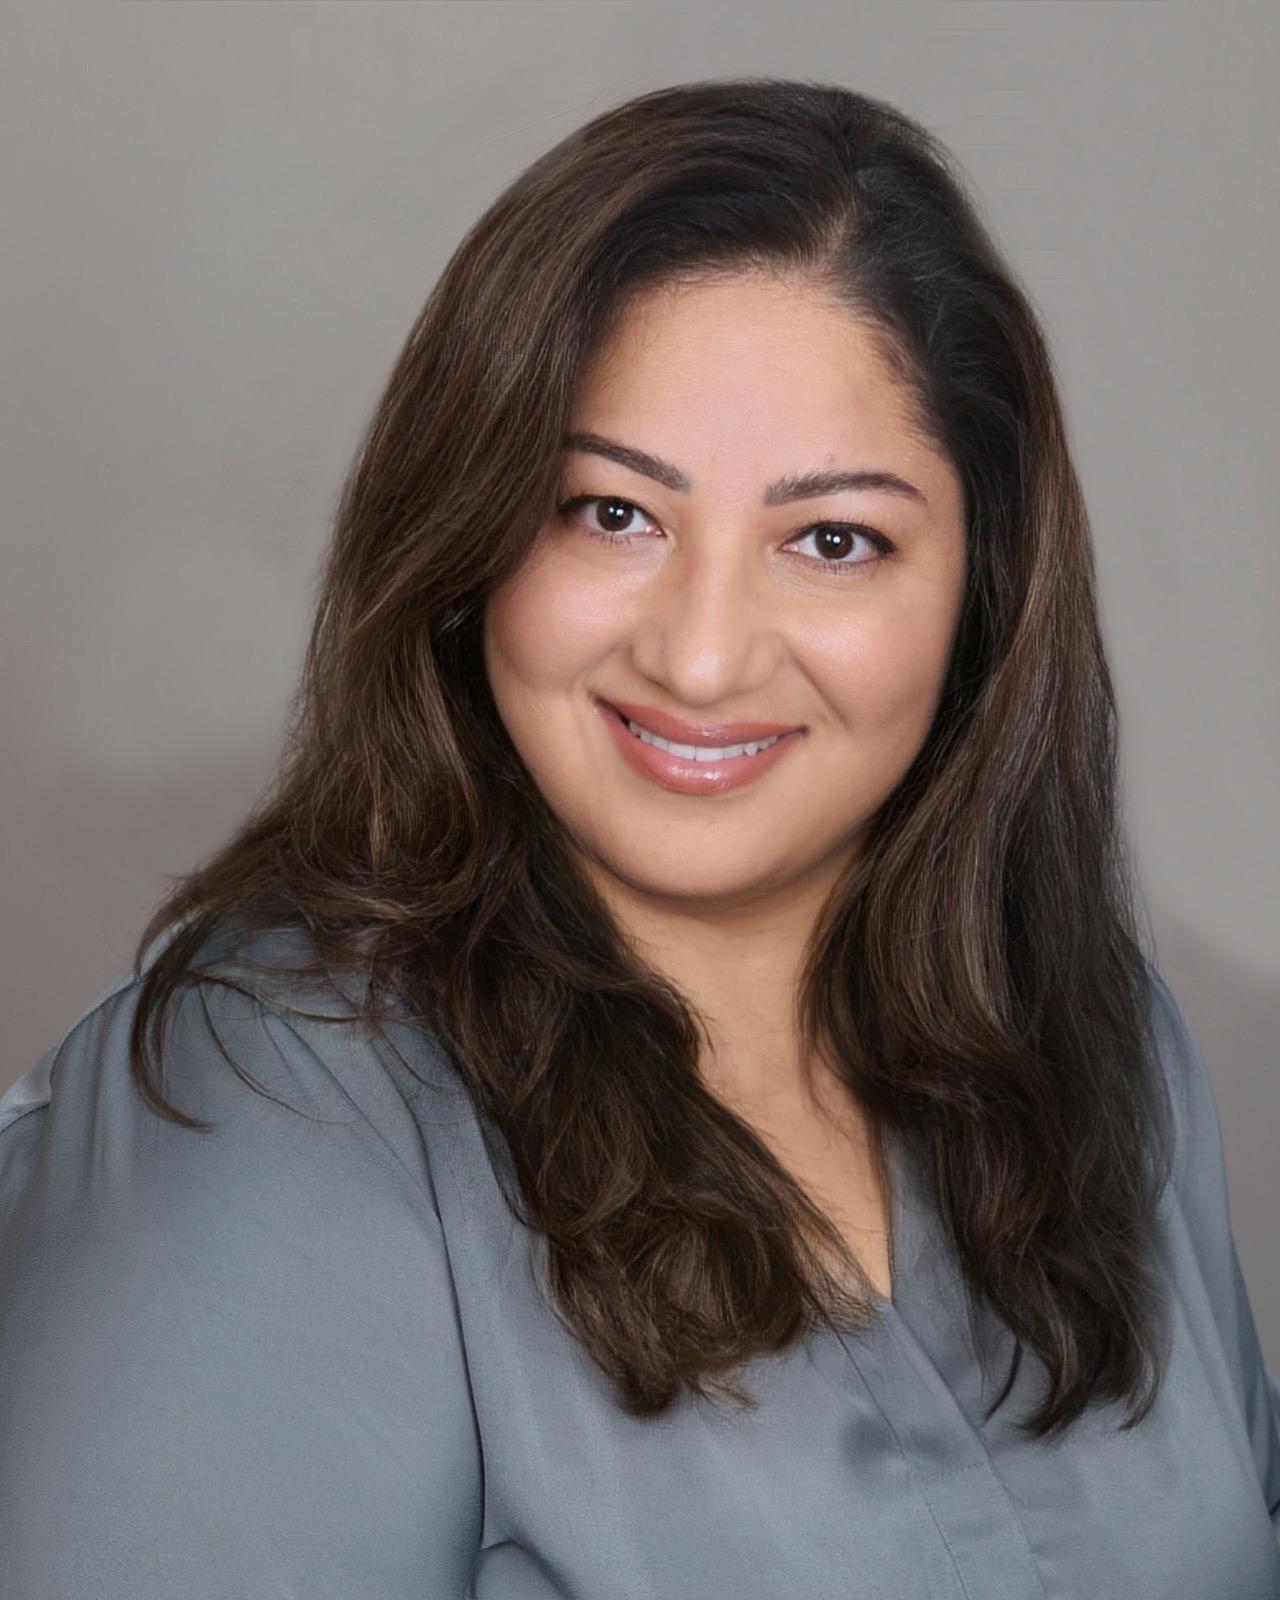 Lana Ali